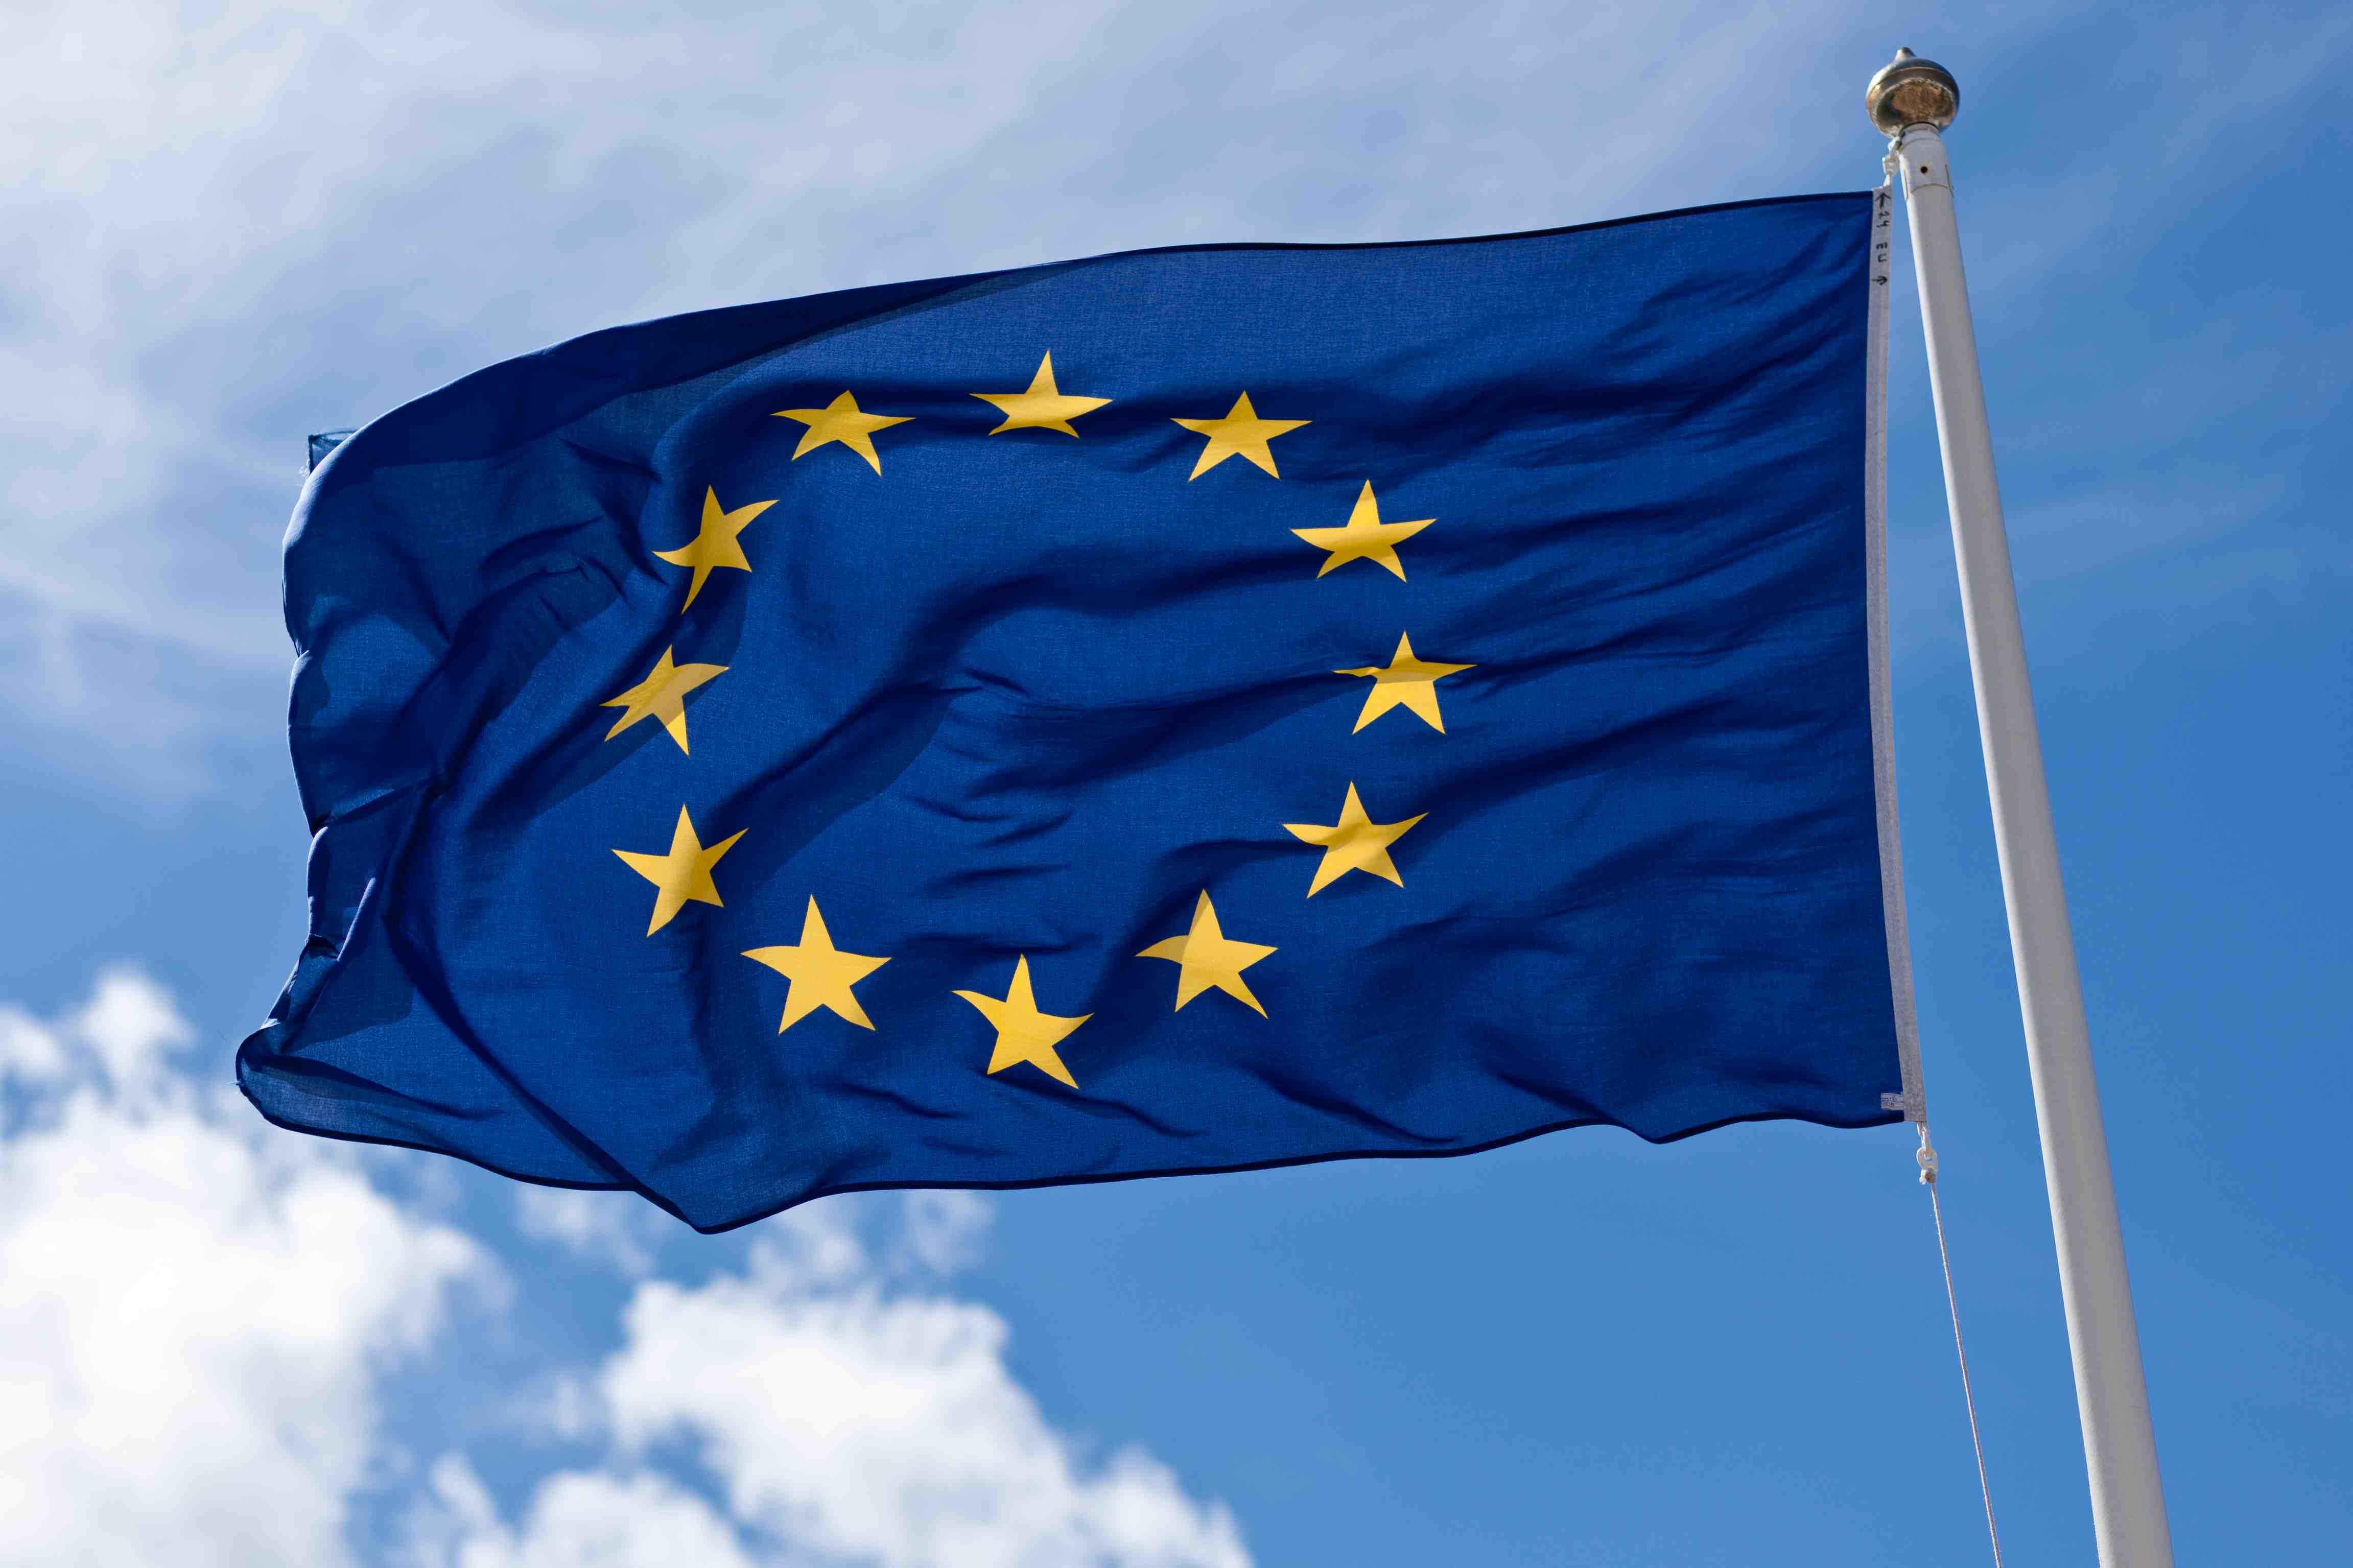 国内行业资讯 | 金华产电动平衡车为何接连遭欧盟通报?;惠誉:中国电动汽车销量将会继续保持繁荣增长-唯轮网